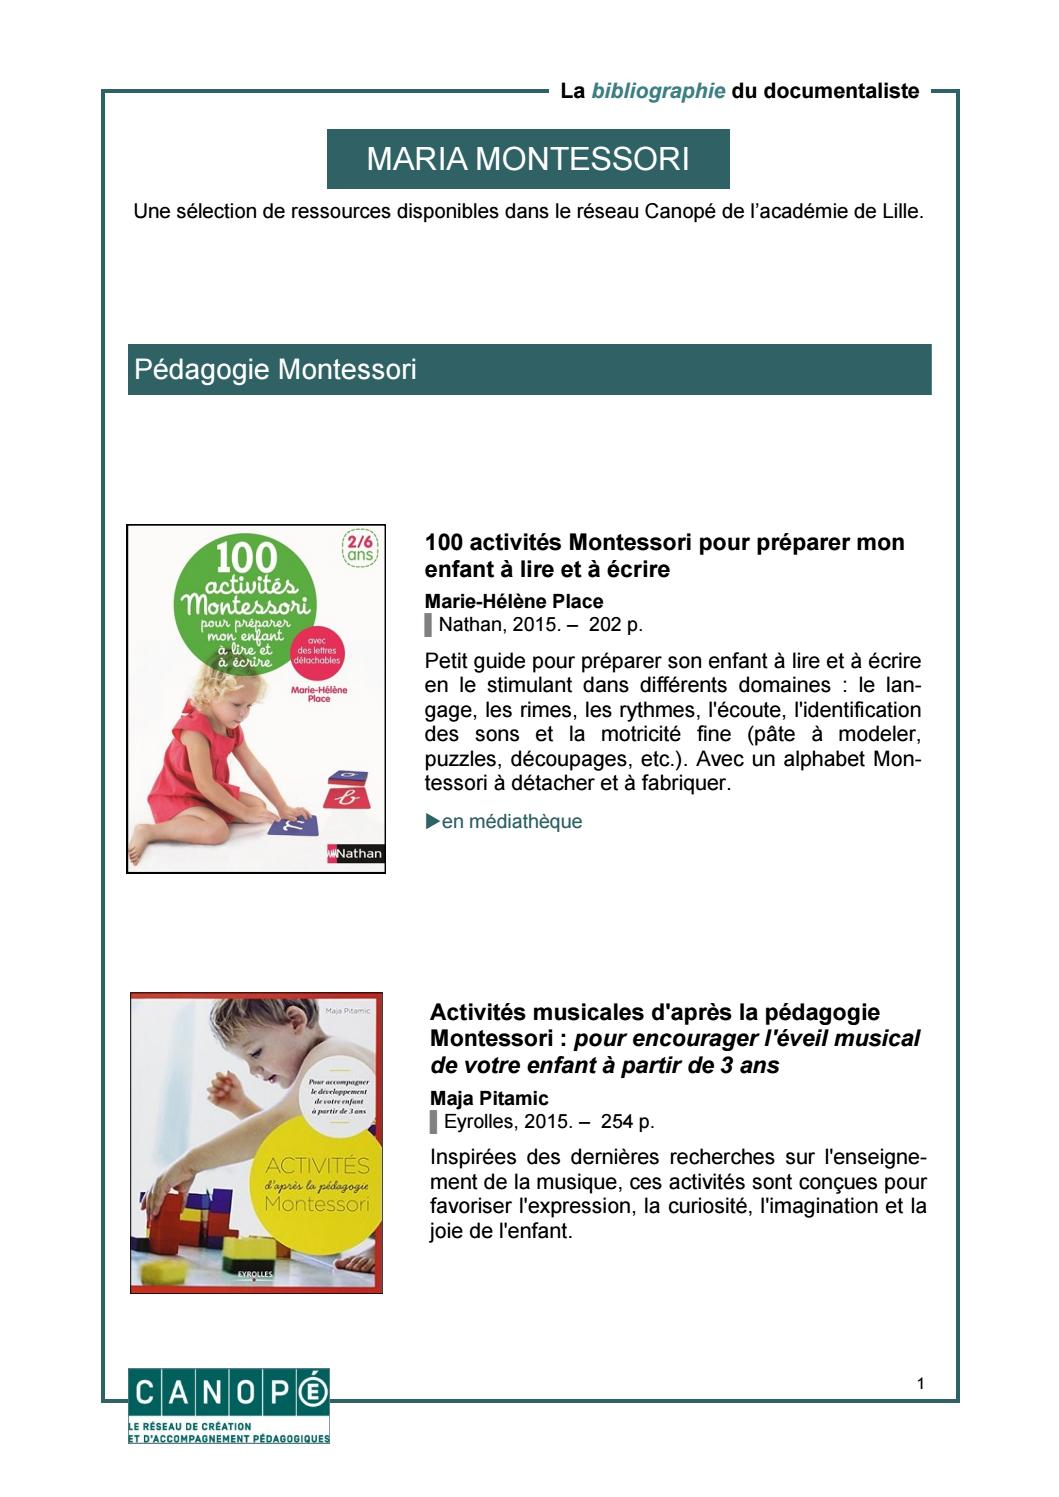 Pédagogie Montessori By Canopé Académie De Lille - Issuu encequiconcerne Activité Montessori 3 Ans